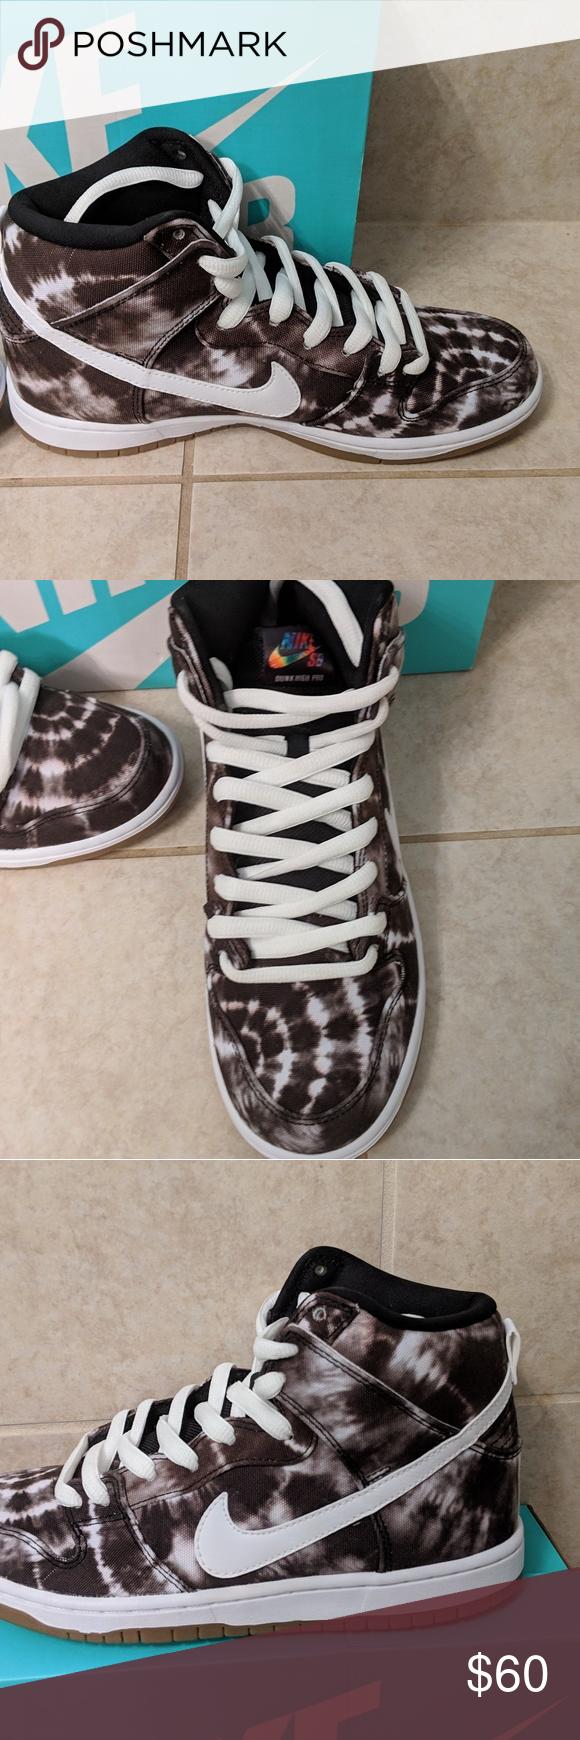 1676ad73cd2b Nike SB Dunk Pro